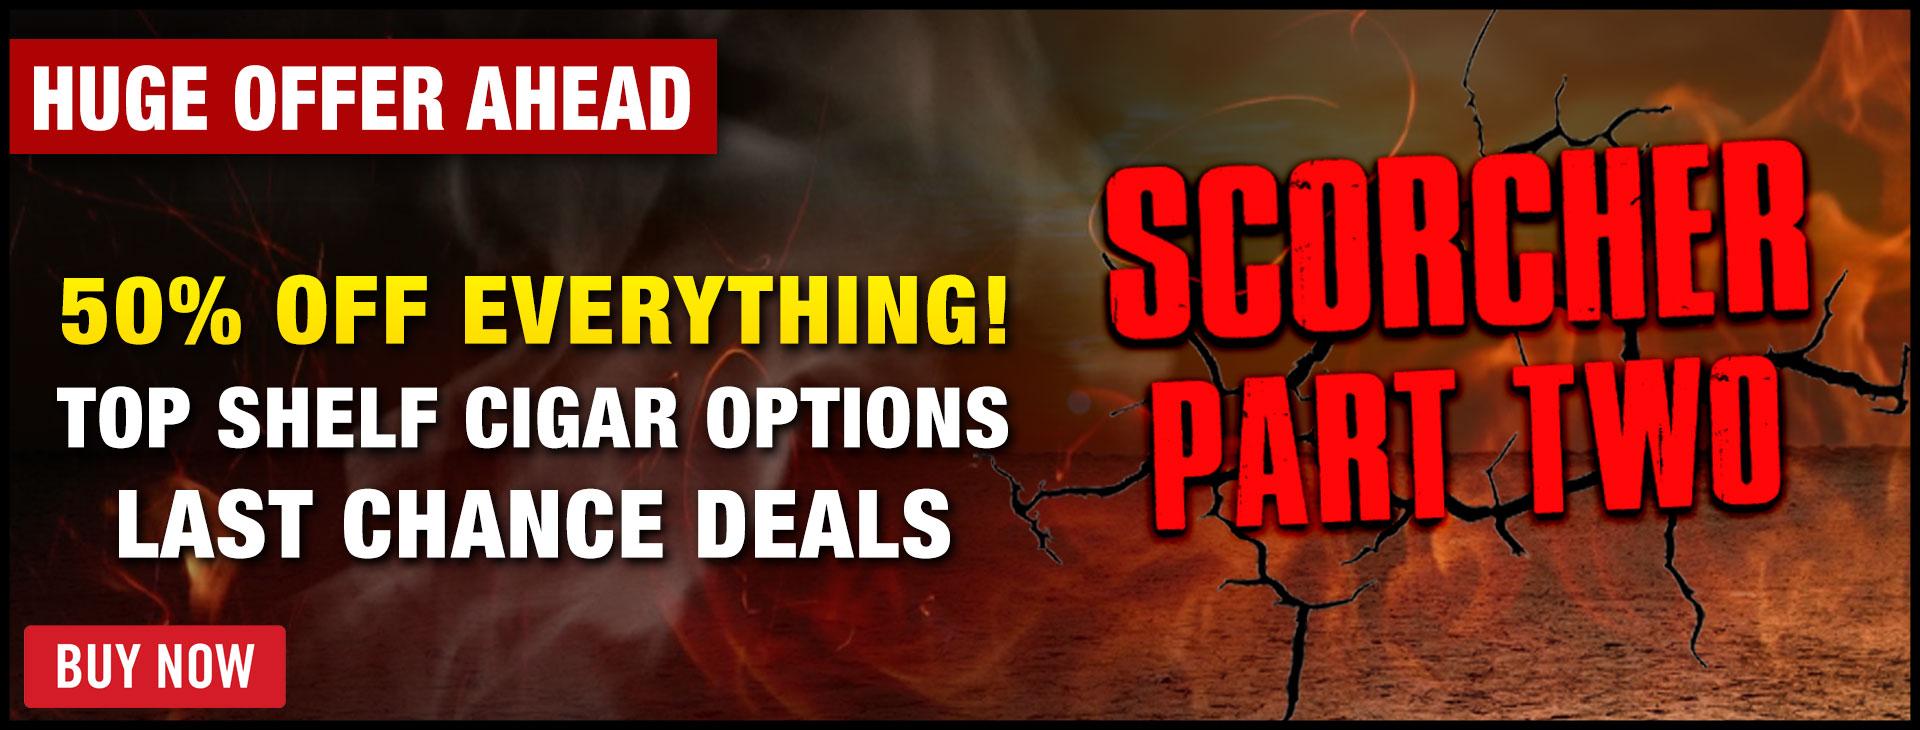 scorcher-part-2-2-2021-banner.jpg